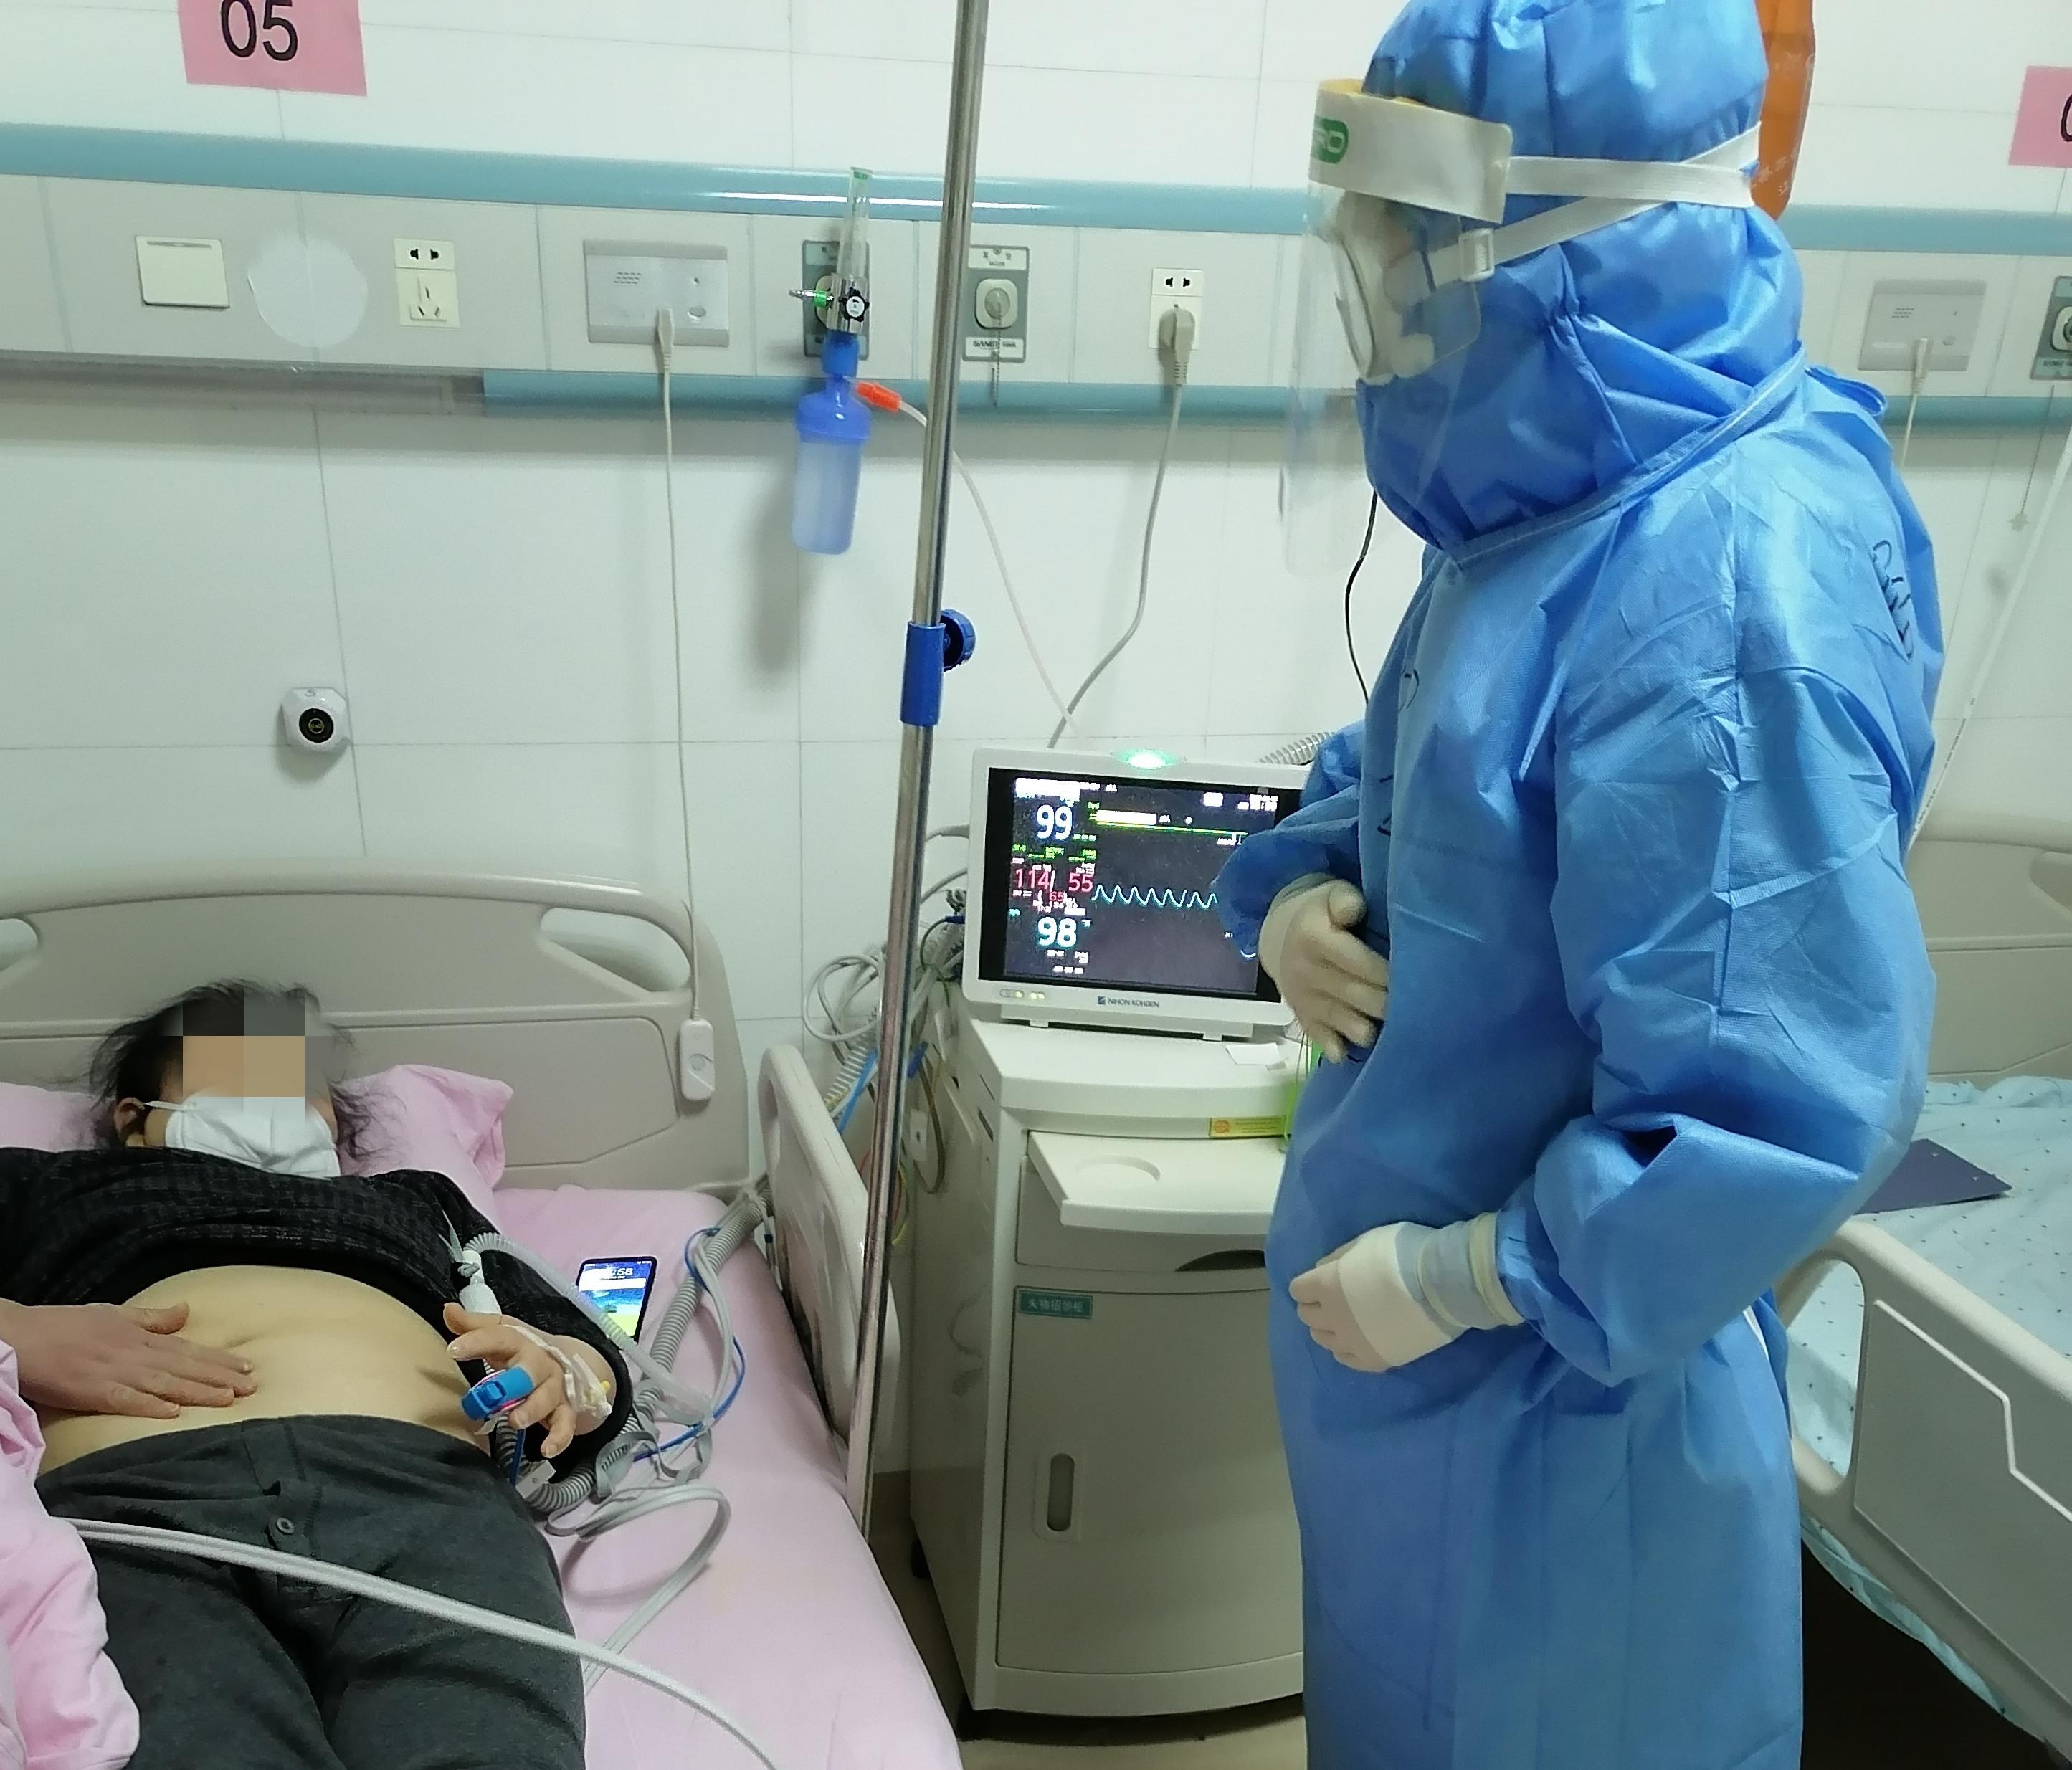 值班护士长_揭秘新冠肺炎救治中的中医特色疗法 - 河南一百度